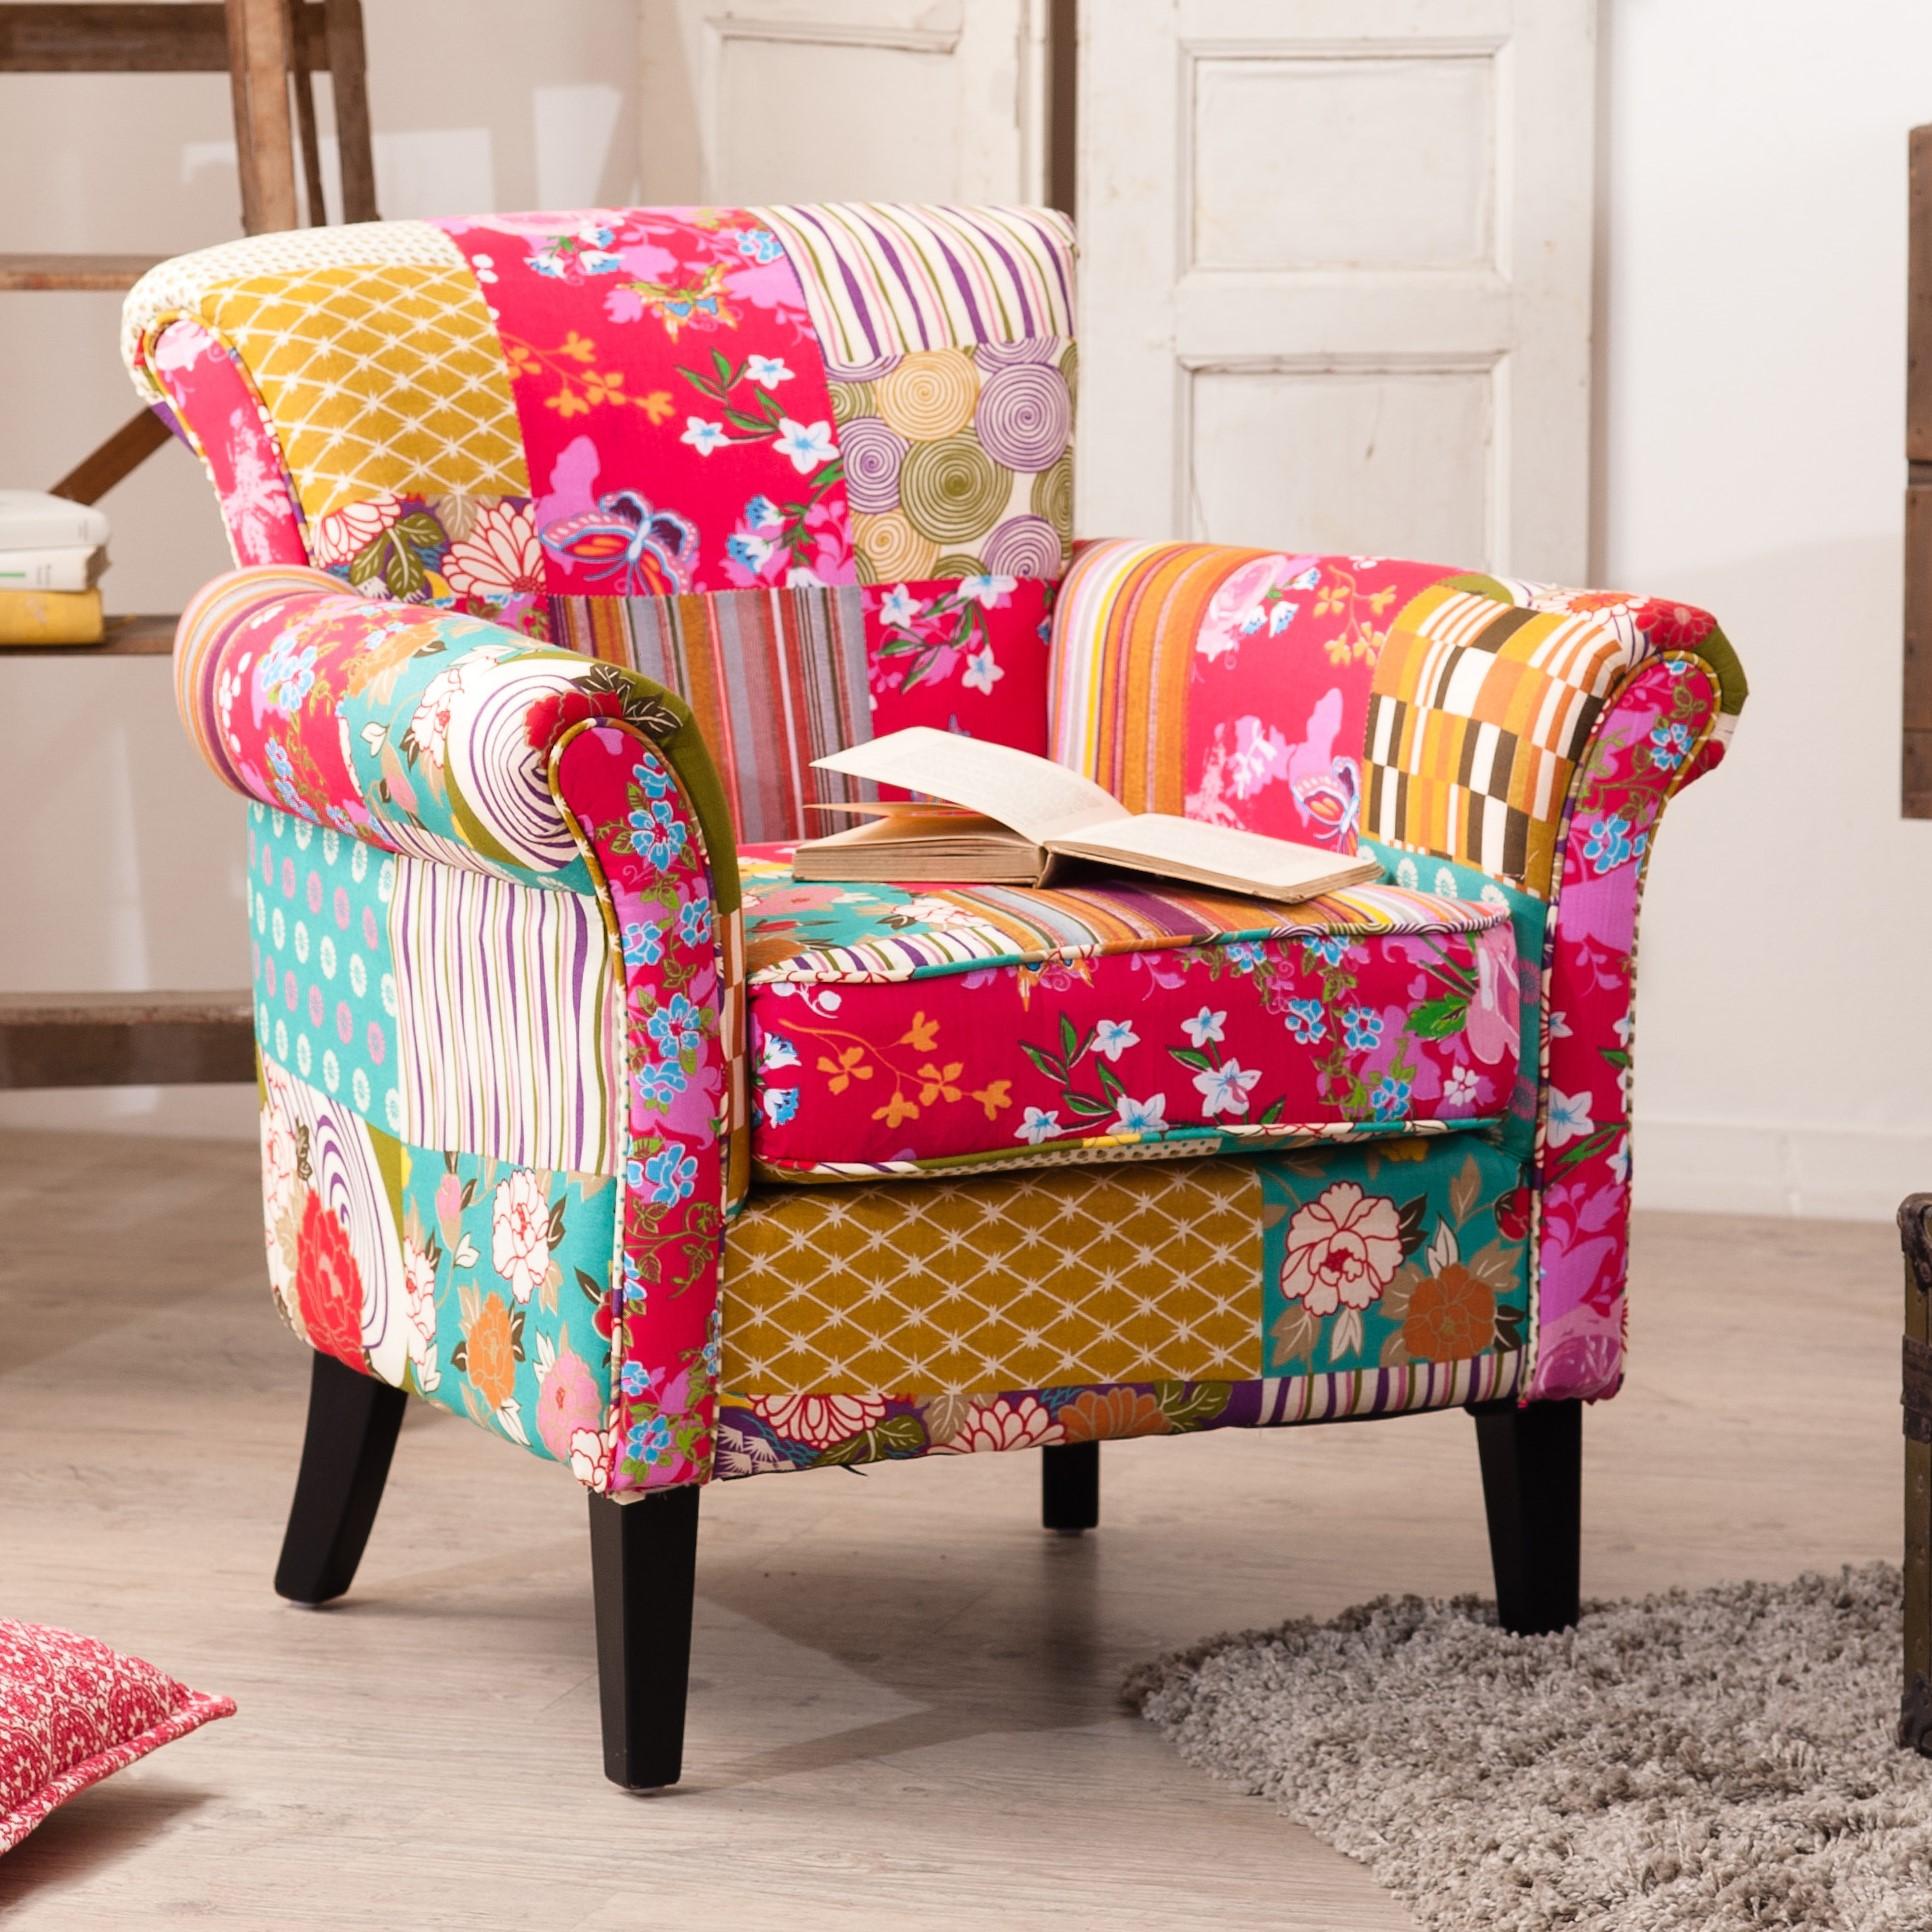 fauteuil patchwork tissu boheme 75x76x79cm fauteuils pier import